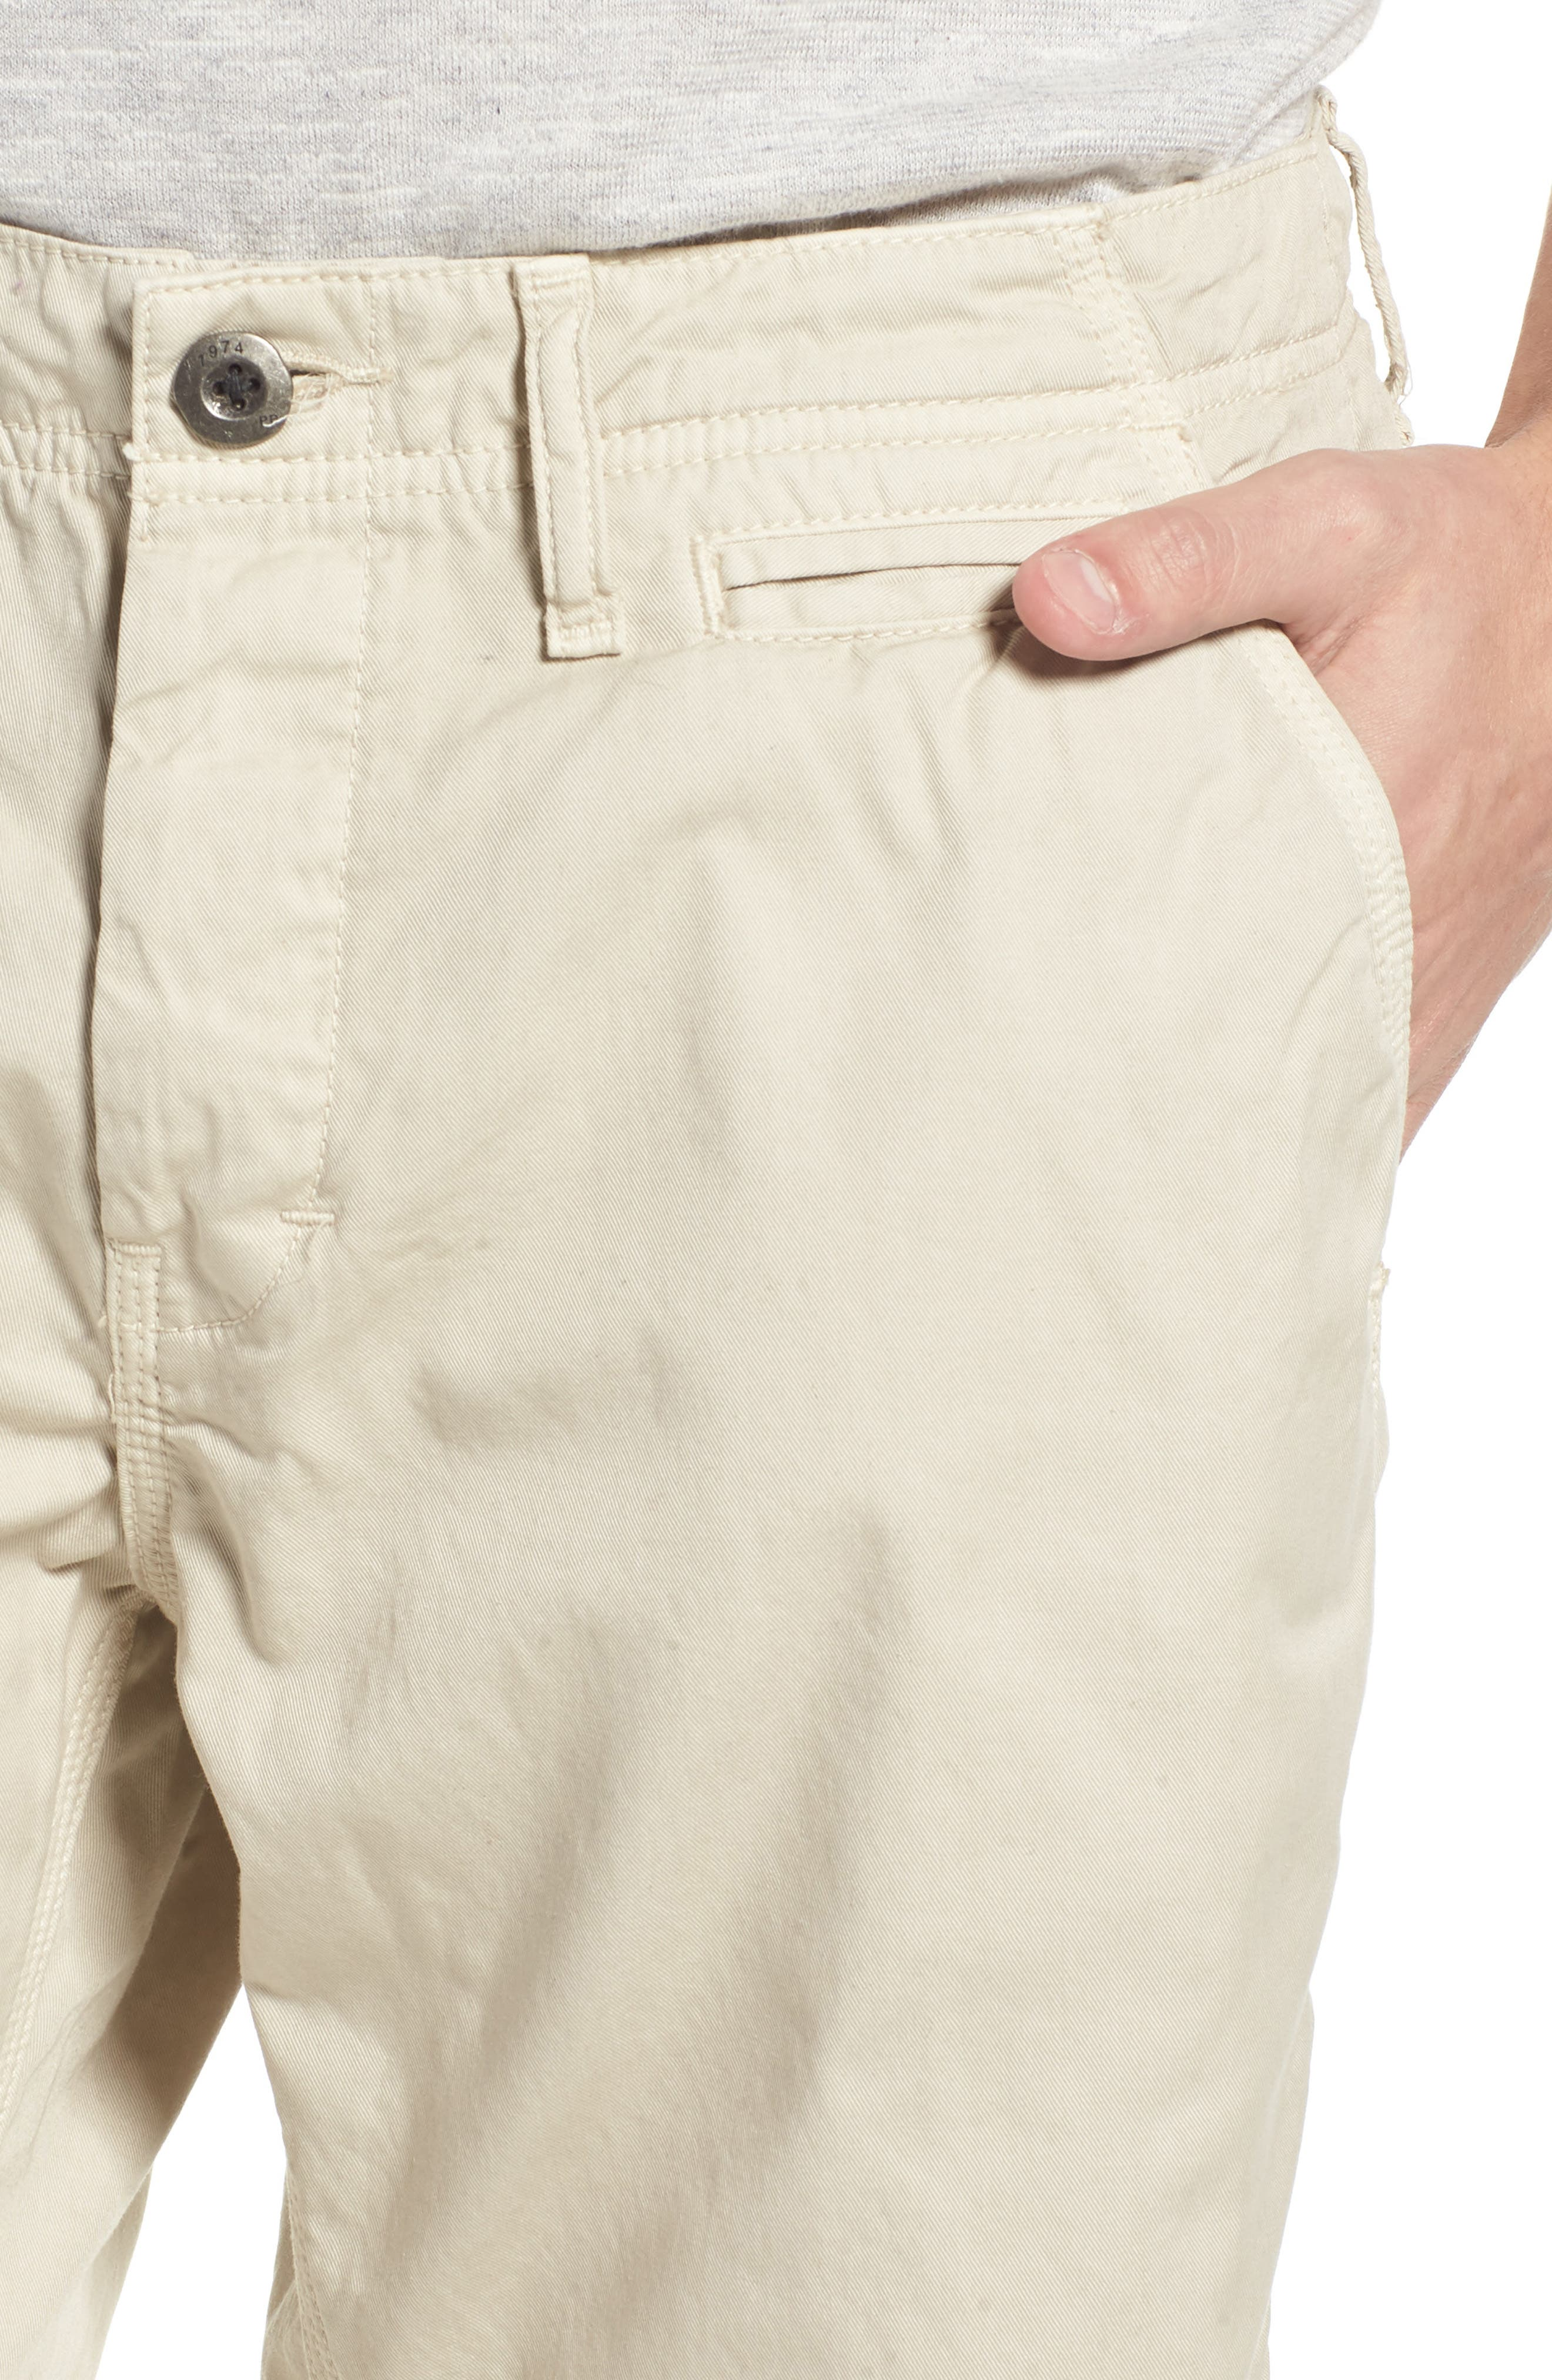 'Napa' Chino Shorts,                             Alternate thumbnail 4, color,                             String